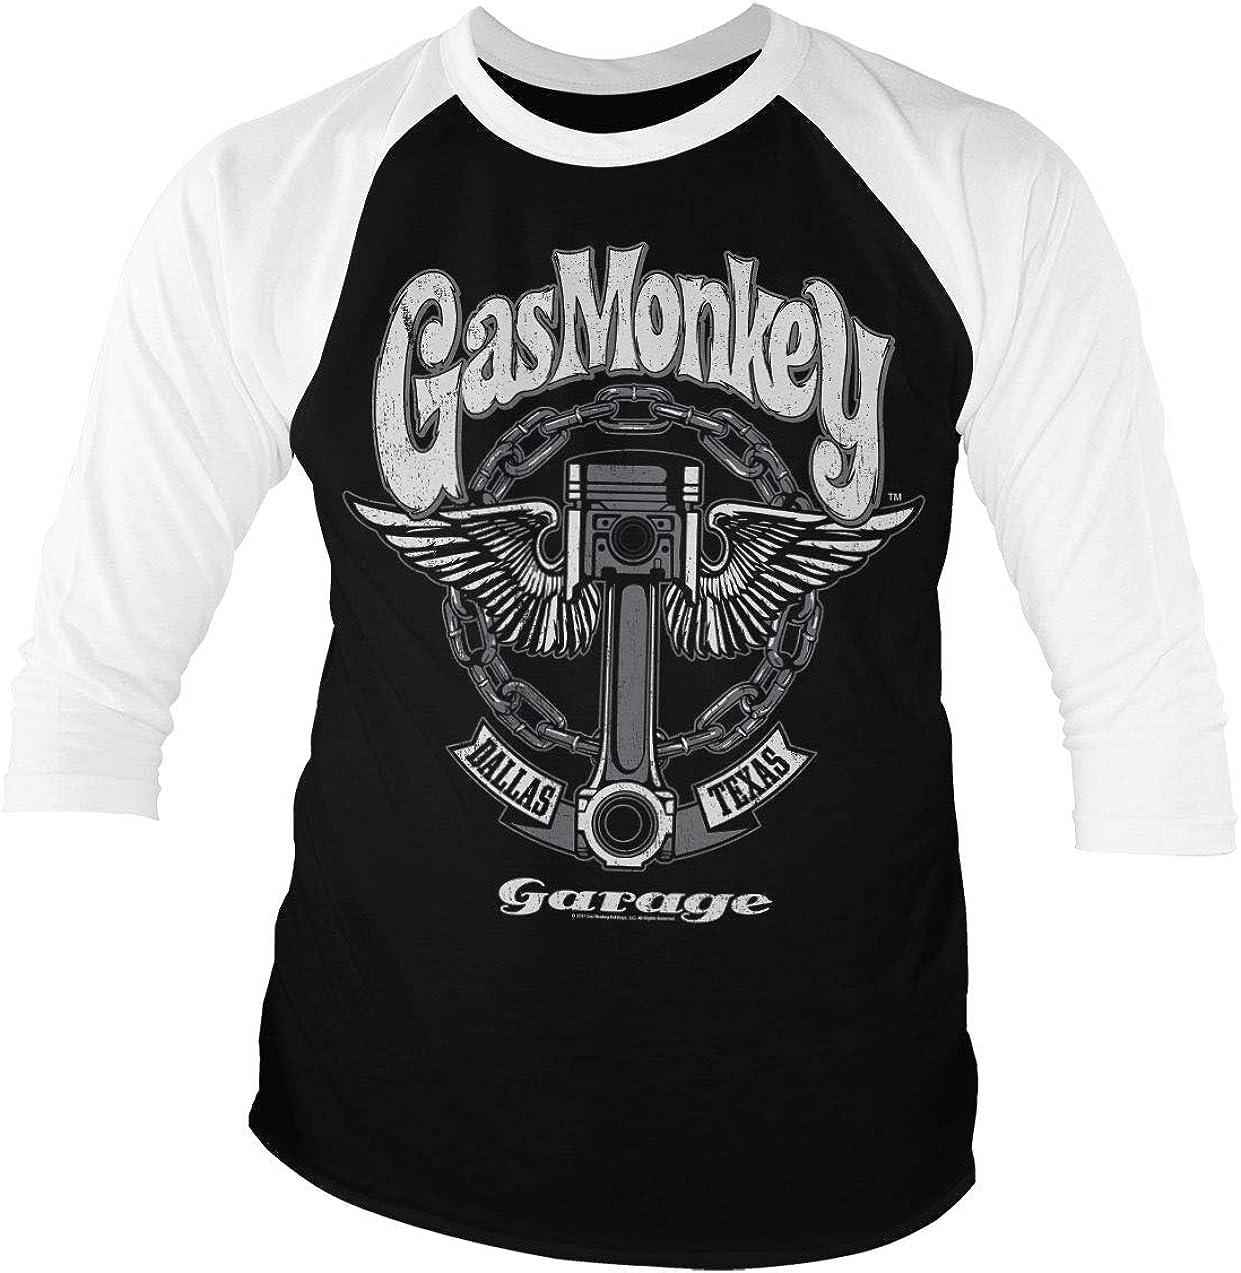 Gas Monkey Garage Licenciado Oficialmente Big Piston Baseball Camisa de Manga 3/4 para Hombre (Negro-Blanco): Amazon.es: Ropa y accesorios